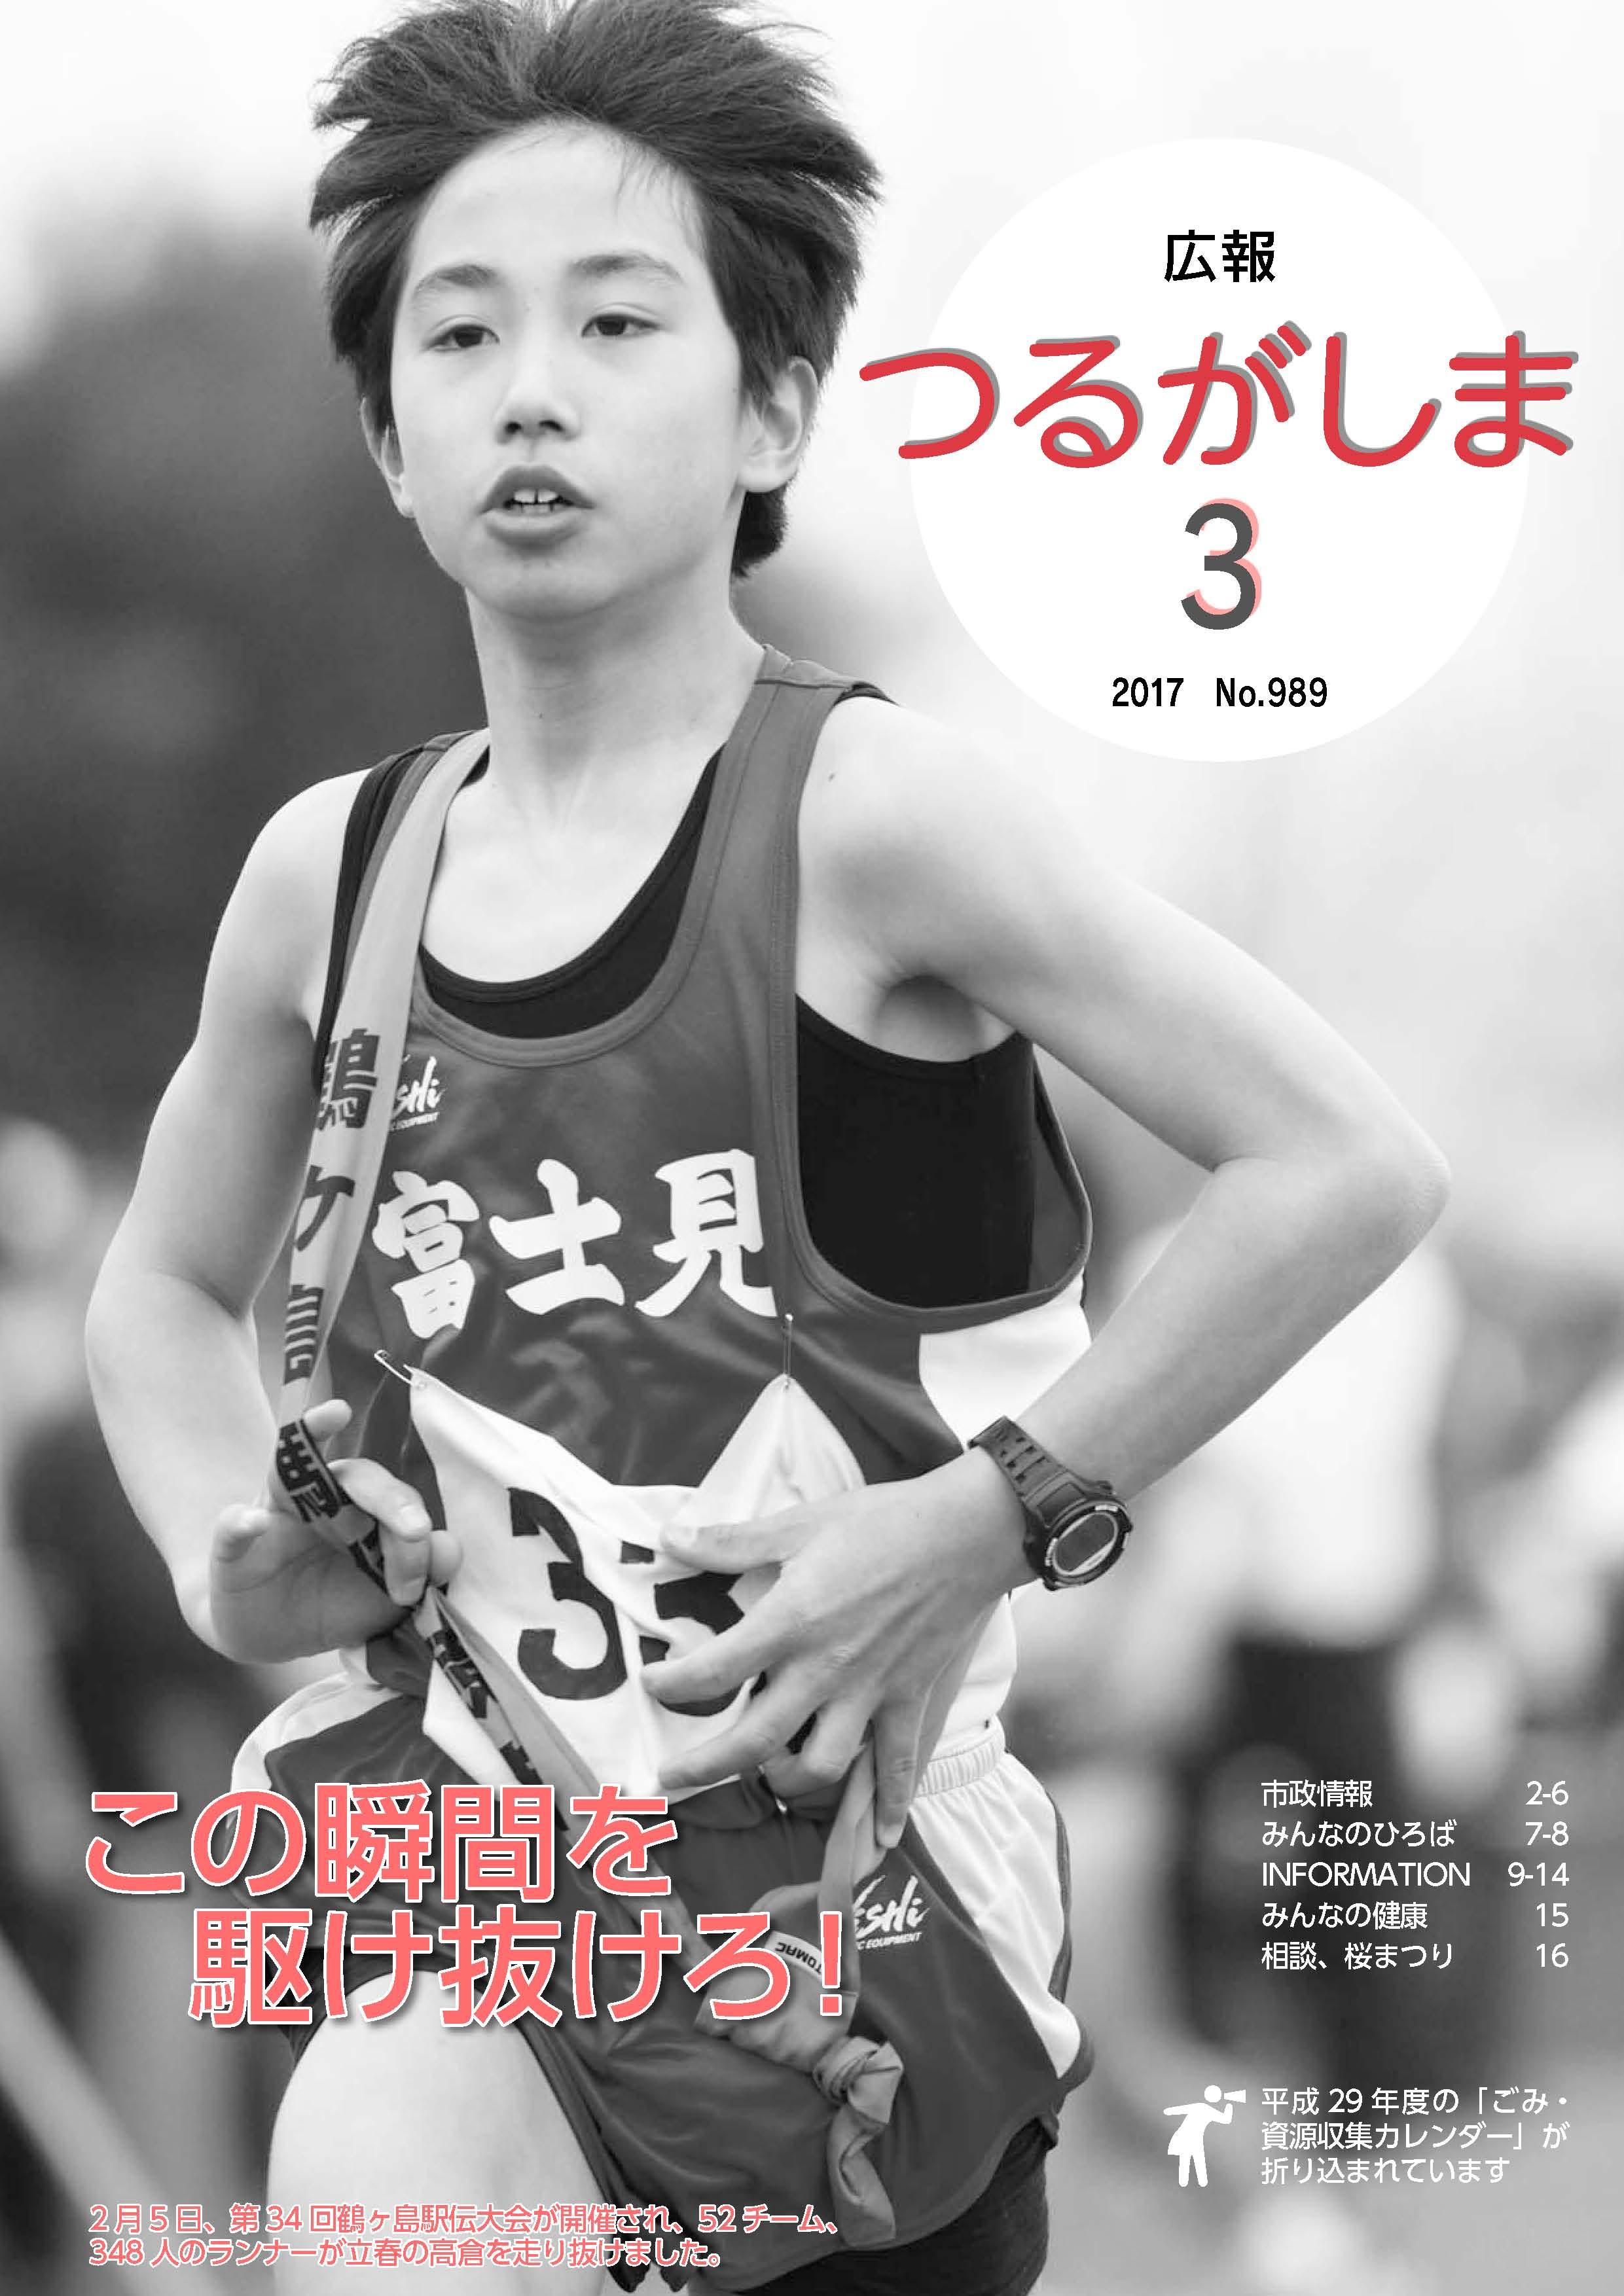 『広報つるがしま平成29年3月号の表紙、2月5日に行われた第34回鶴ヶ島駅伝競走大会』の画像